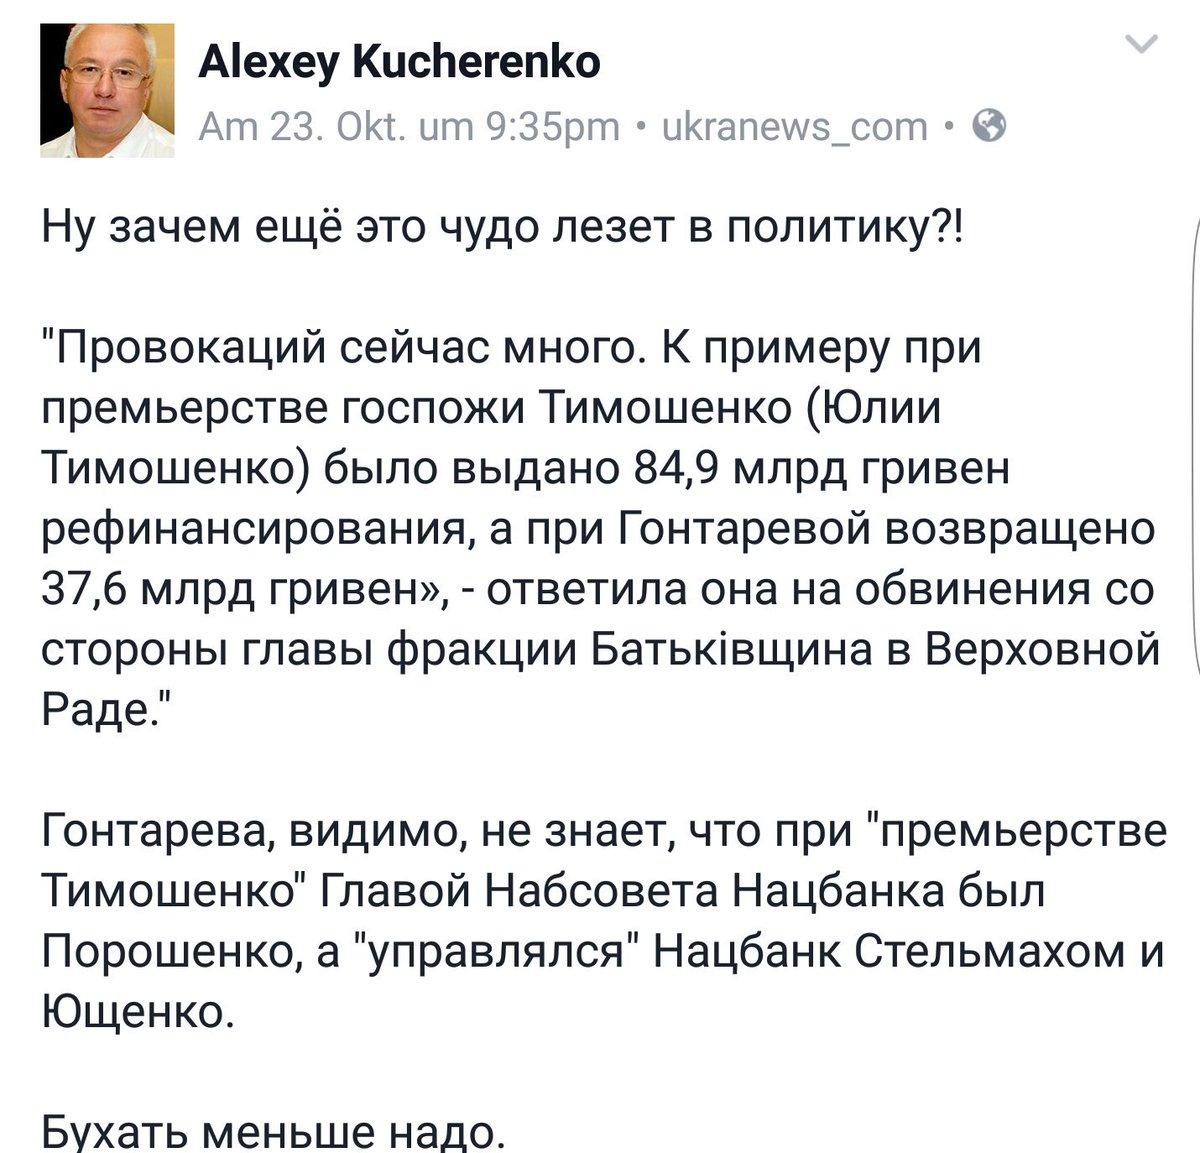 Порошенко назначил Данилишина и Фурмана членами Совета Нацбанка - Цензор.НЕТ 2742